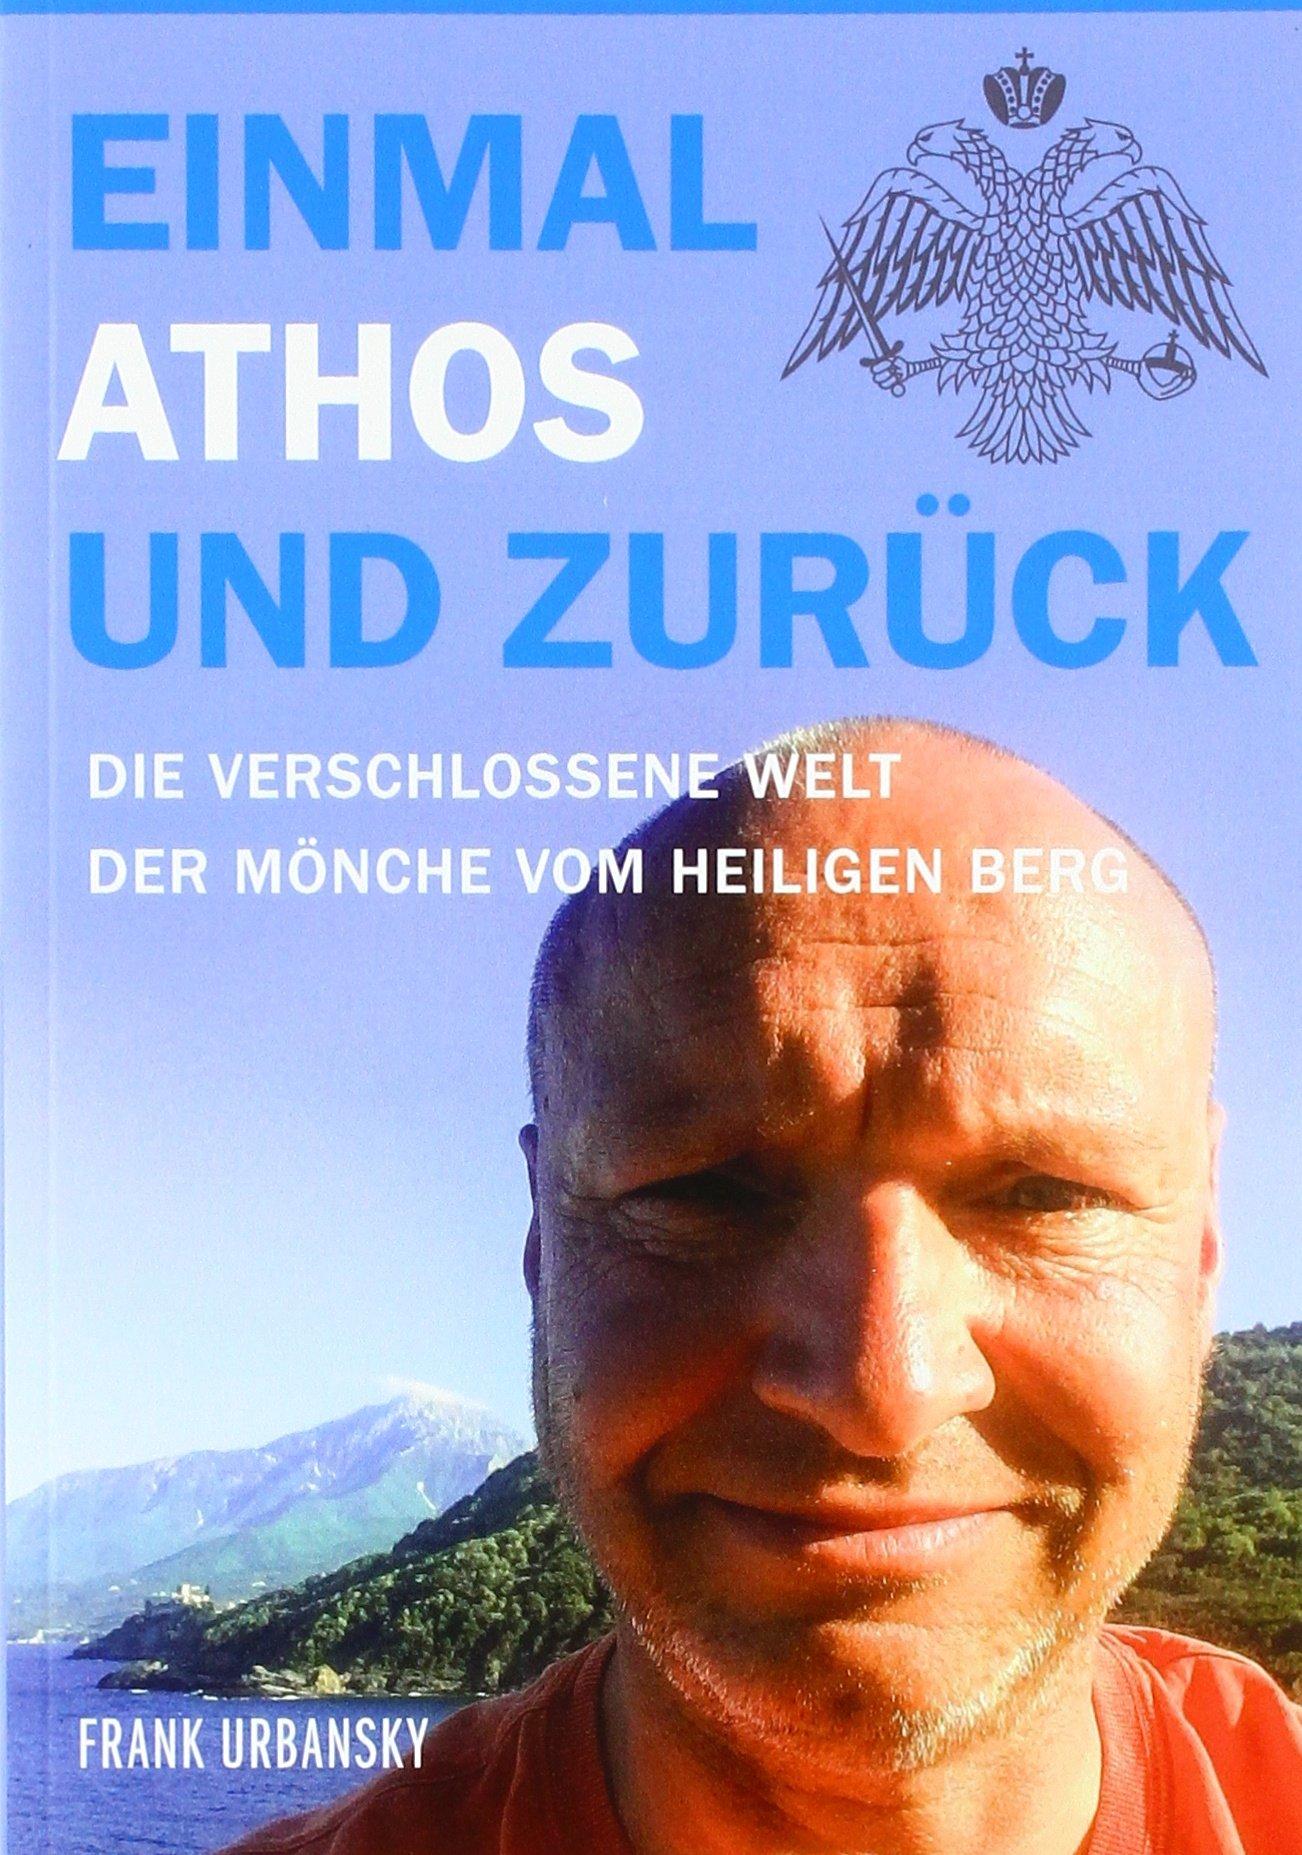 Einmal Athos und zurück: Die verschlossene Welt der Mönche vom heiligen Berg